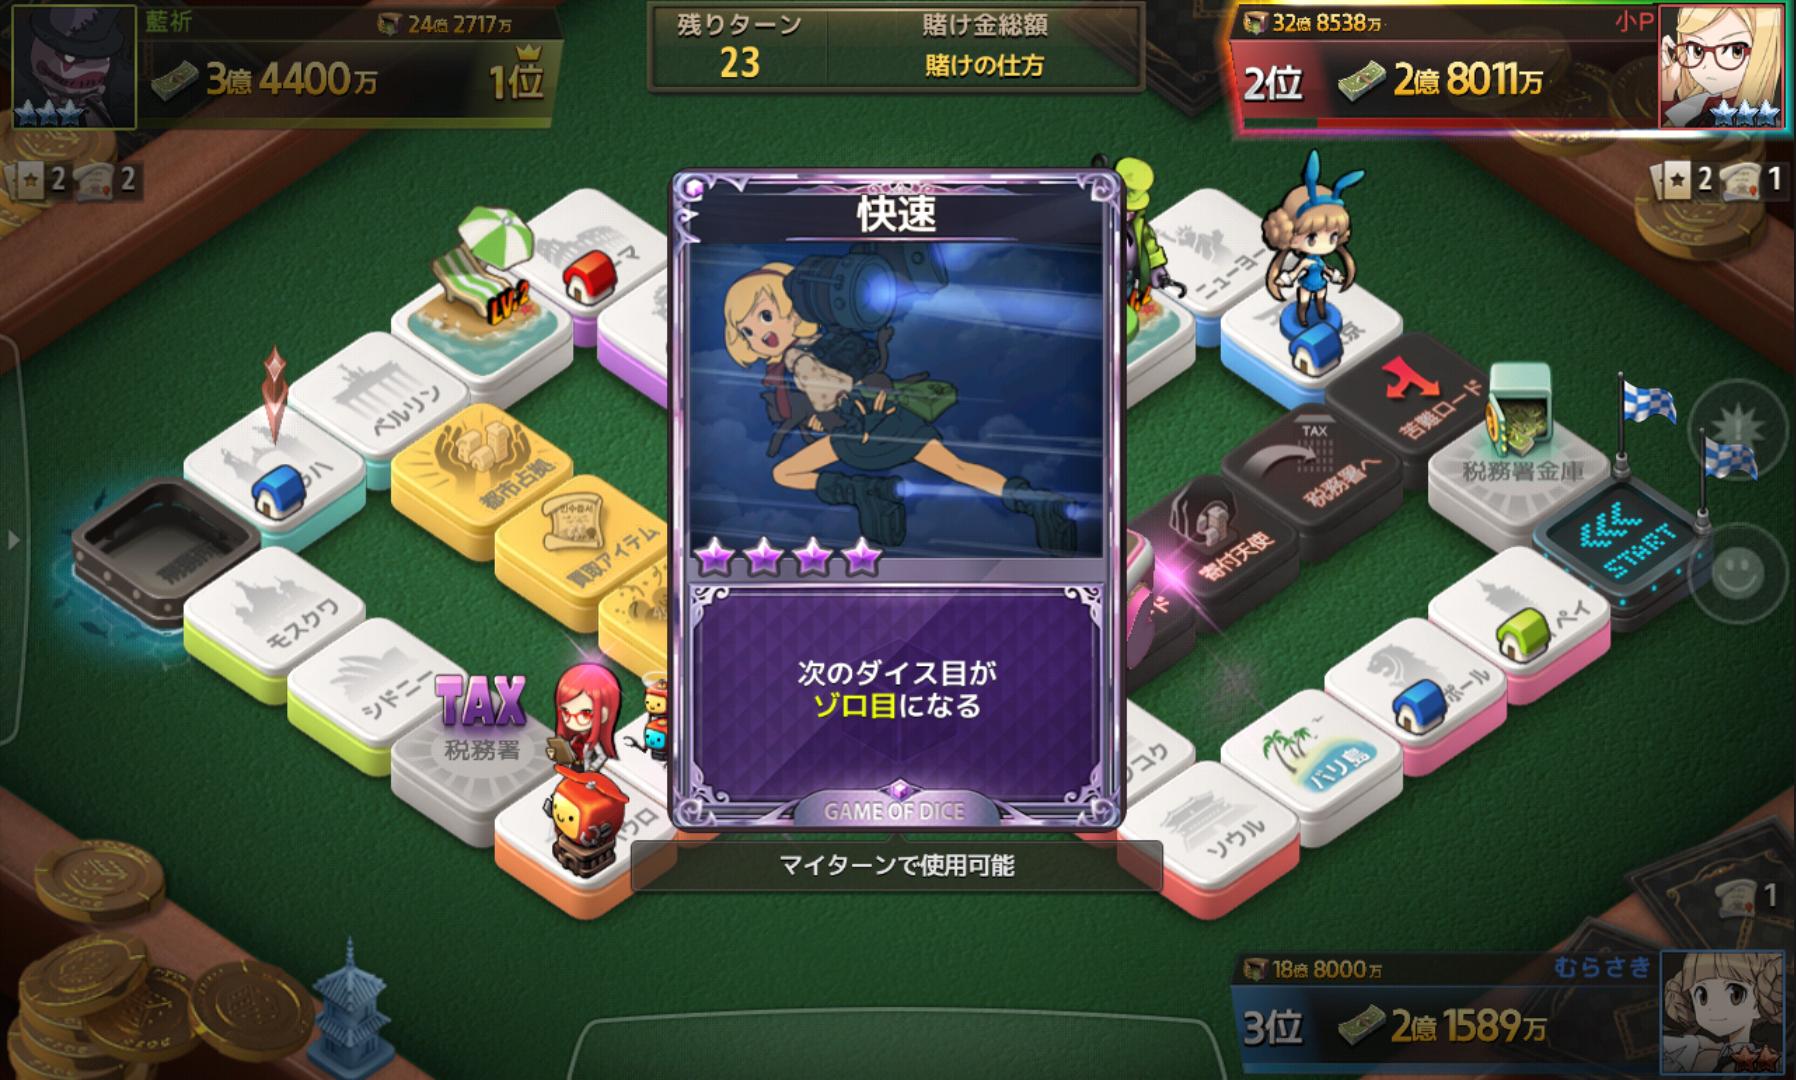 ダイスの神 androidアプリスクリーンショット2